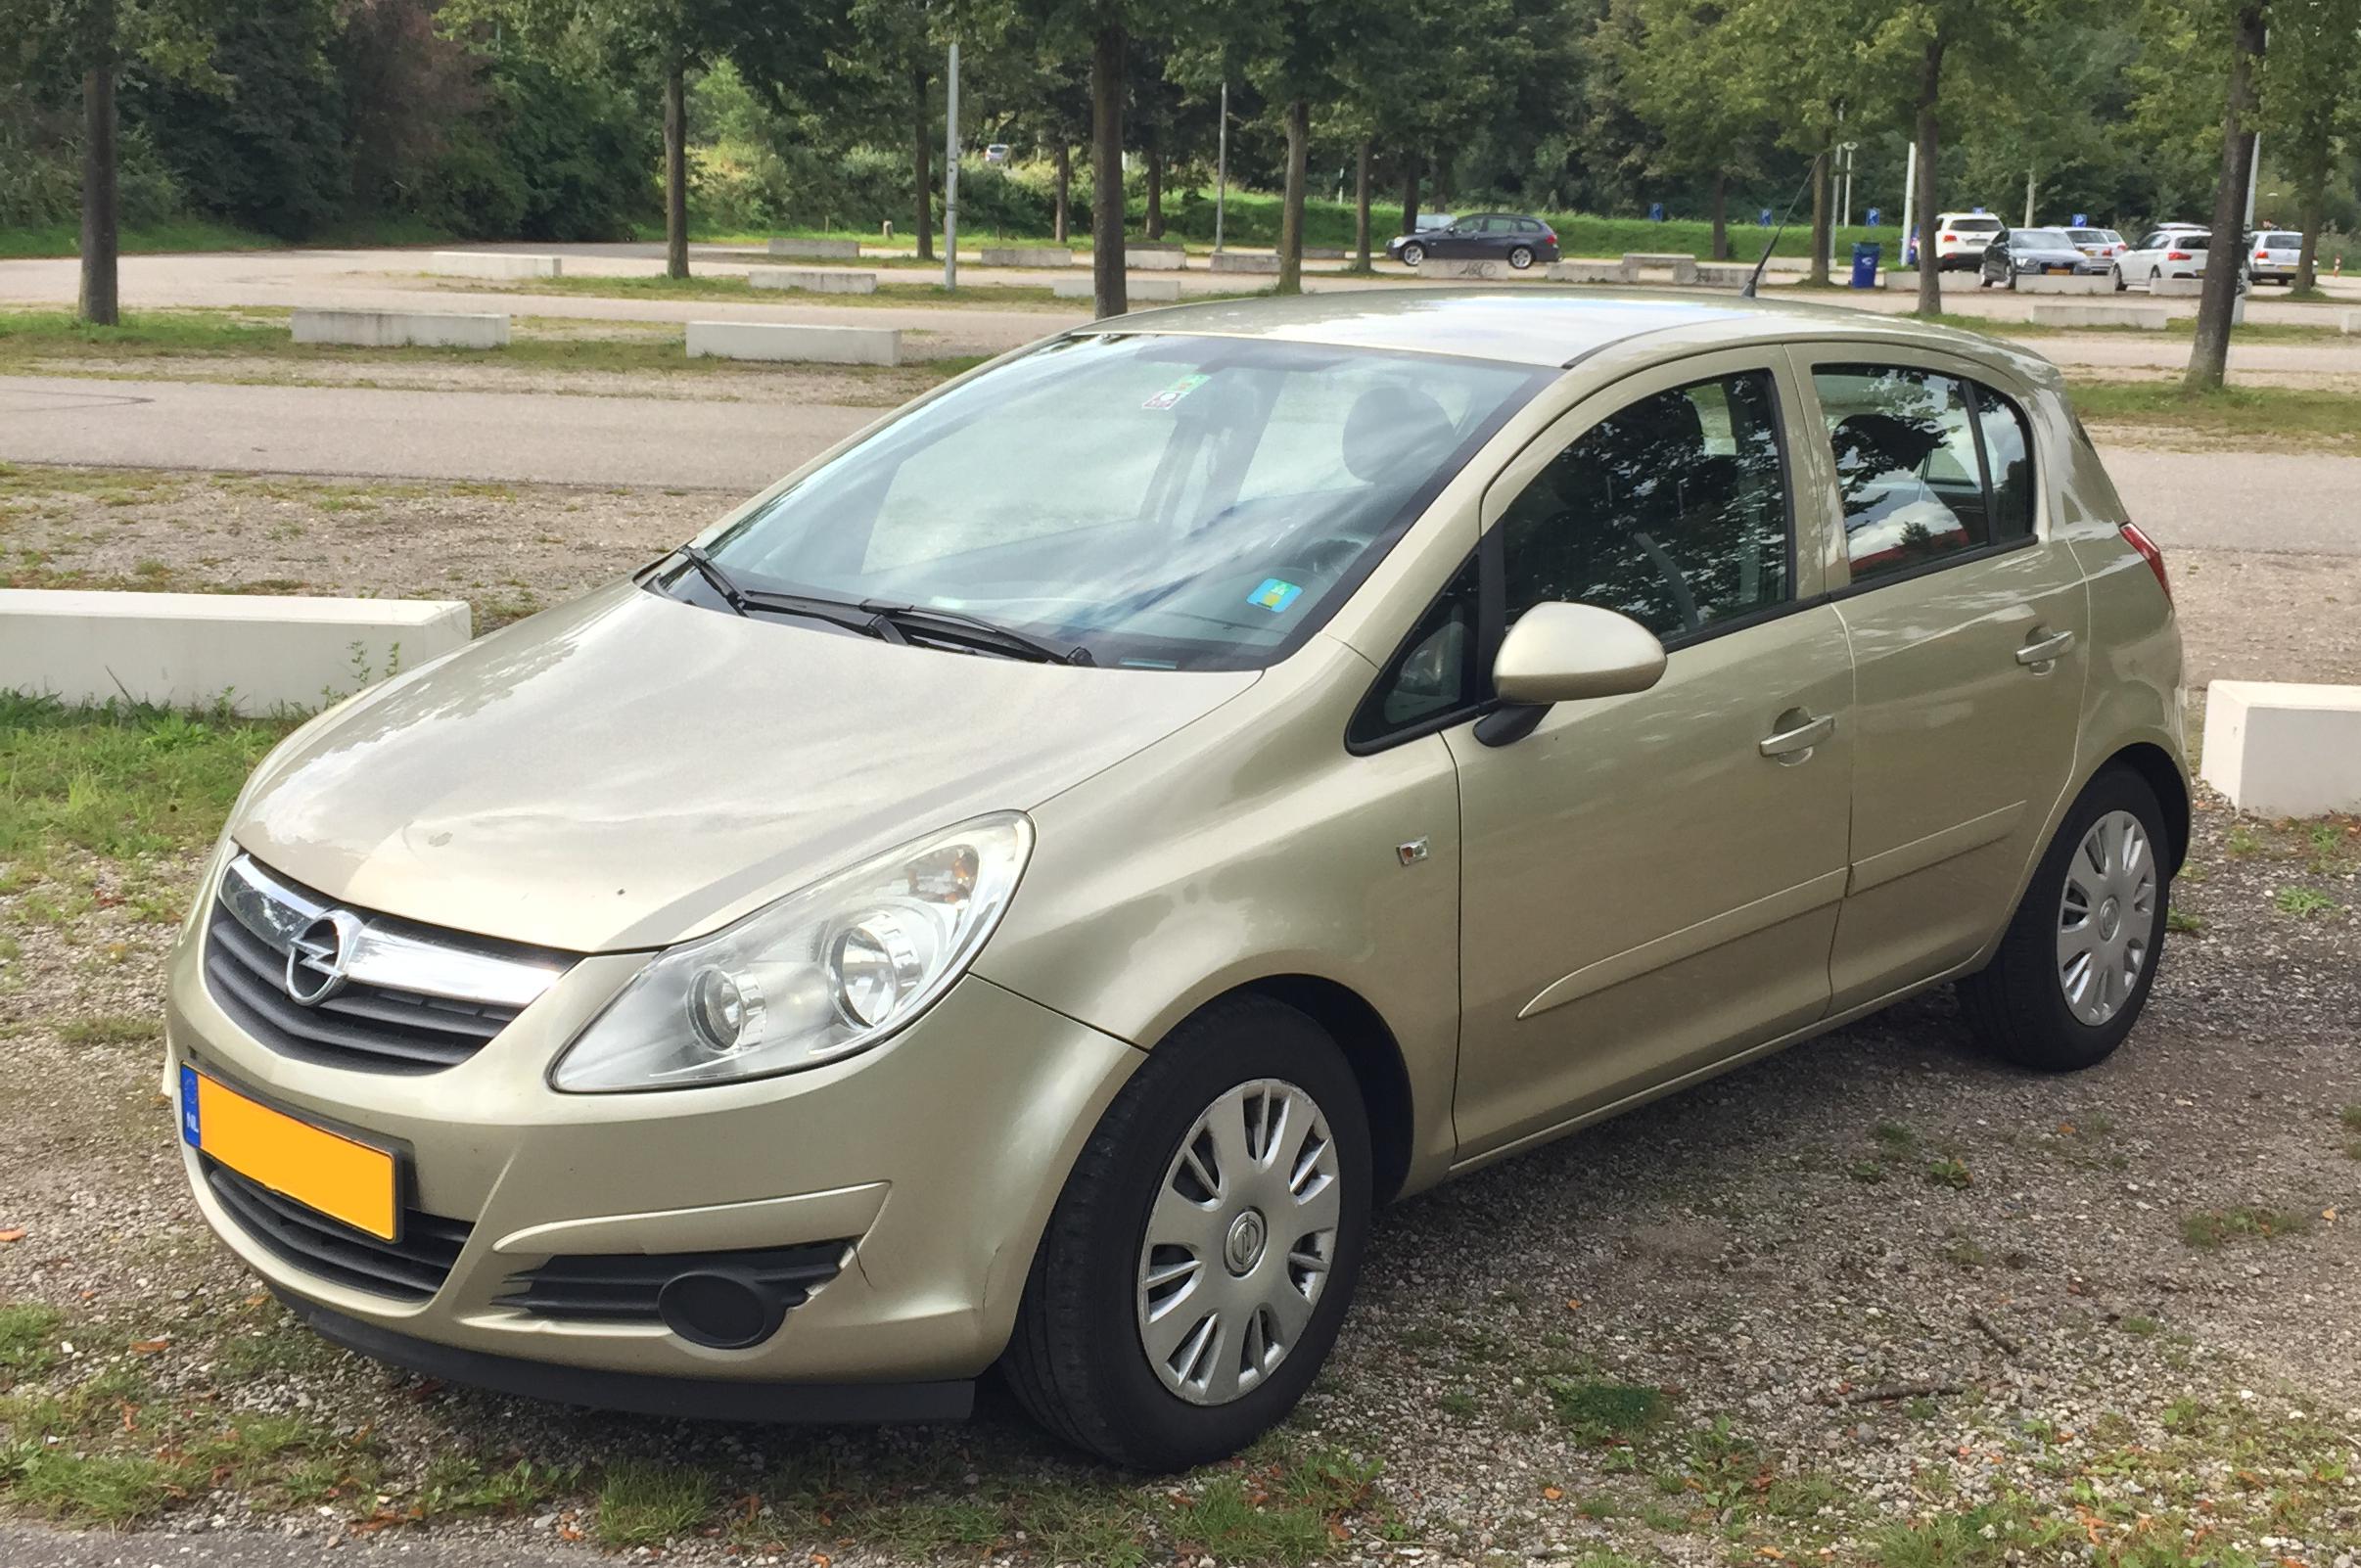 Opel Corsa Gaasperplas